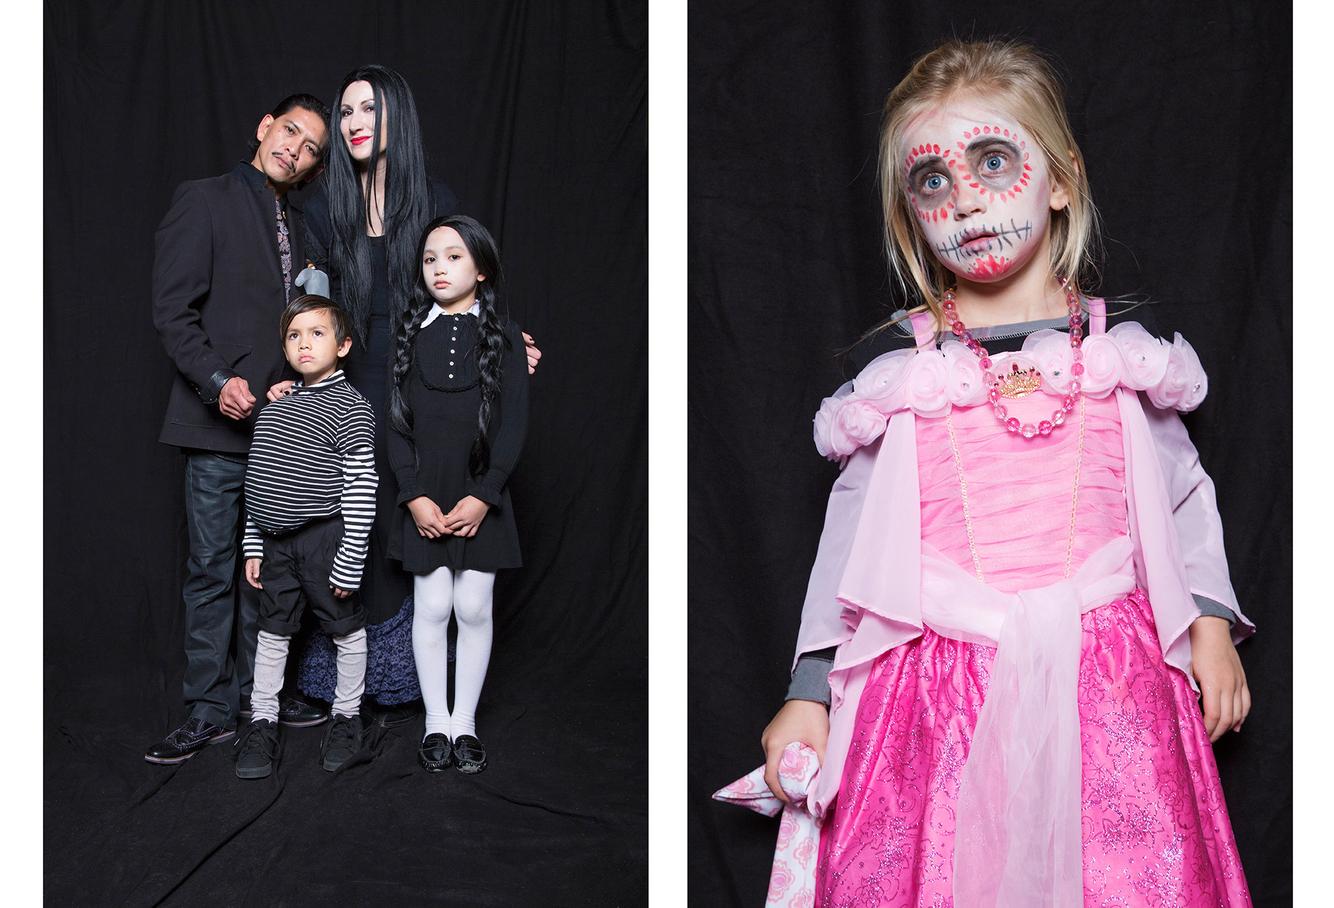 Halloween Photo Project - Hoboken, NJ.